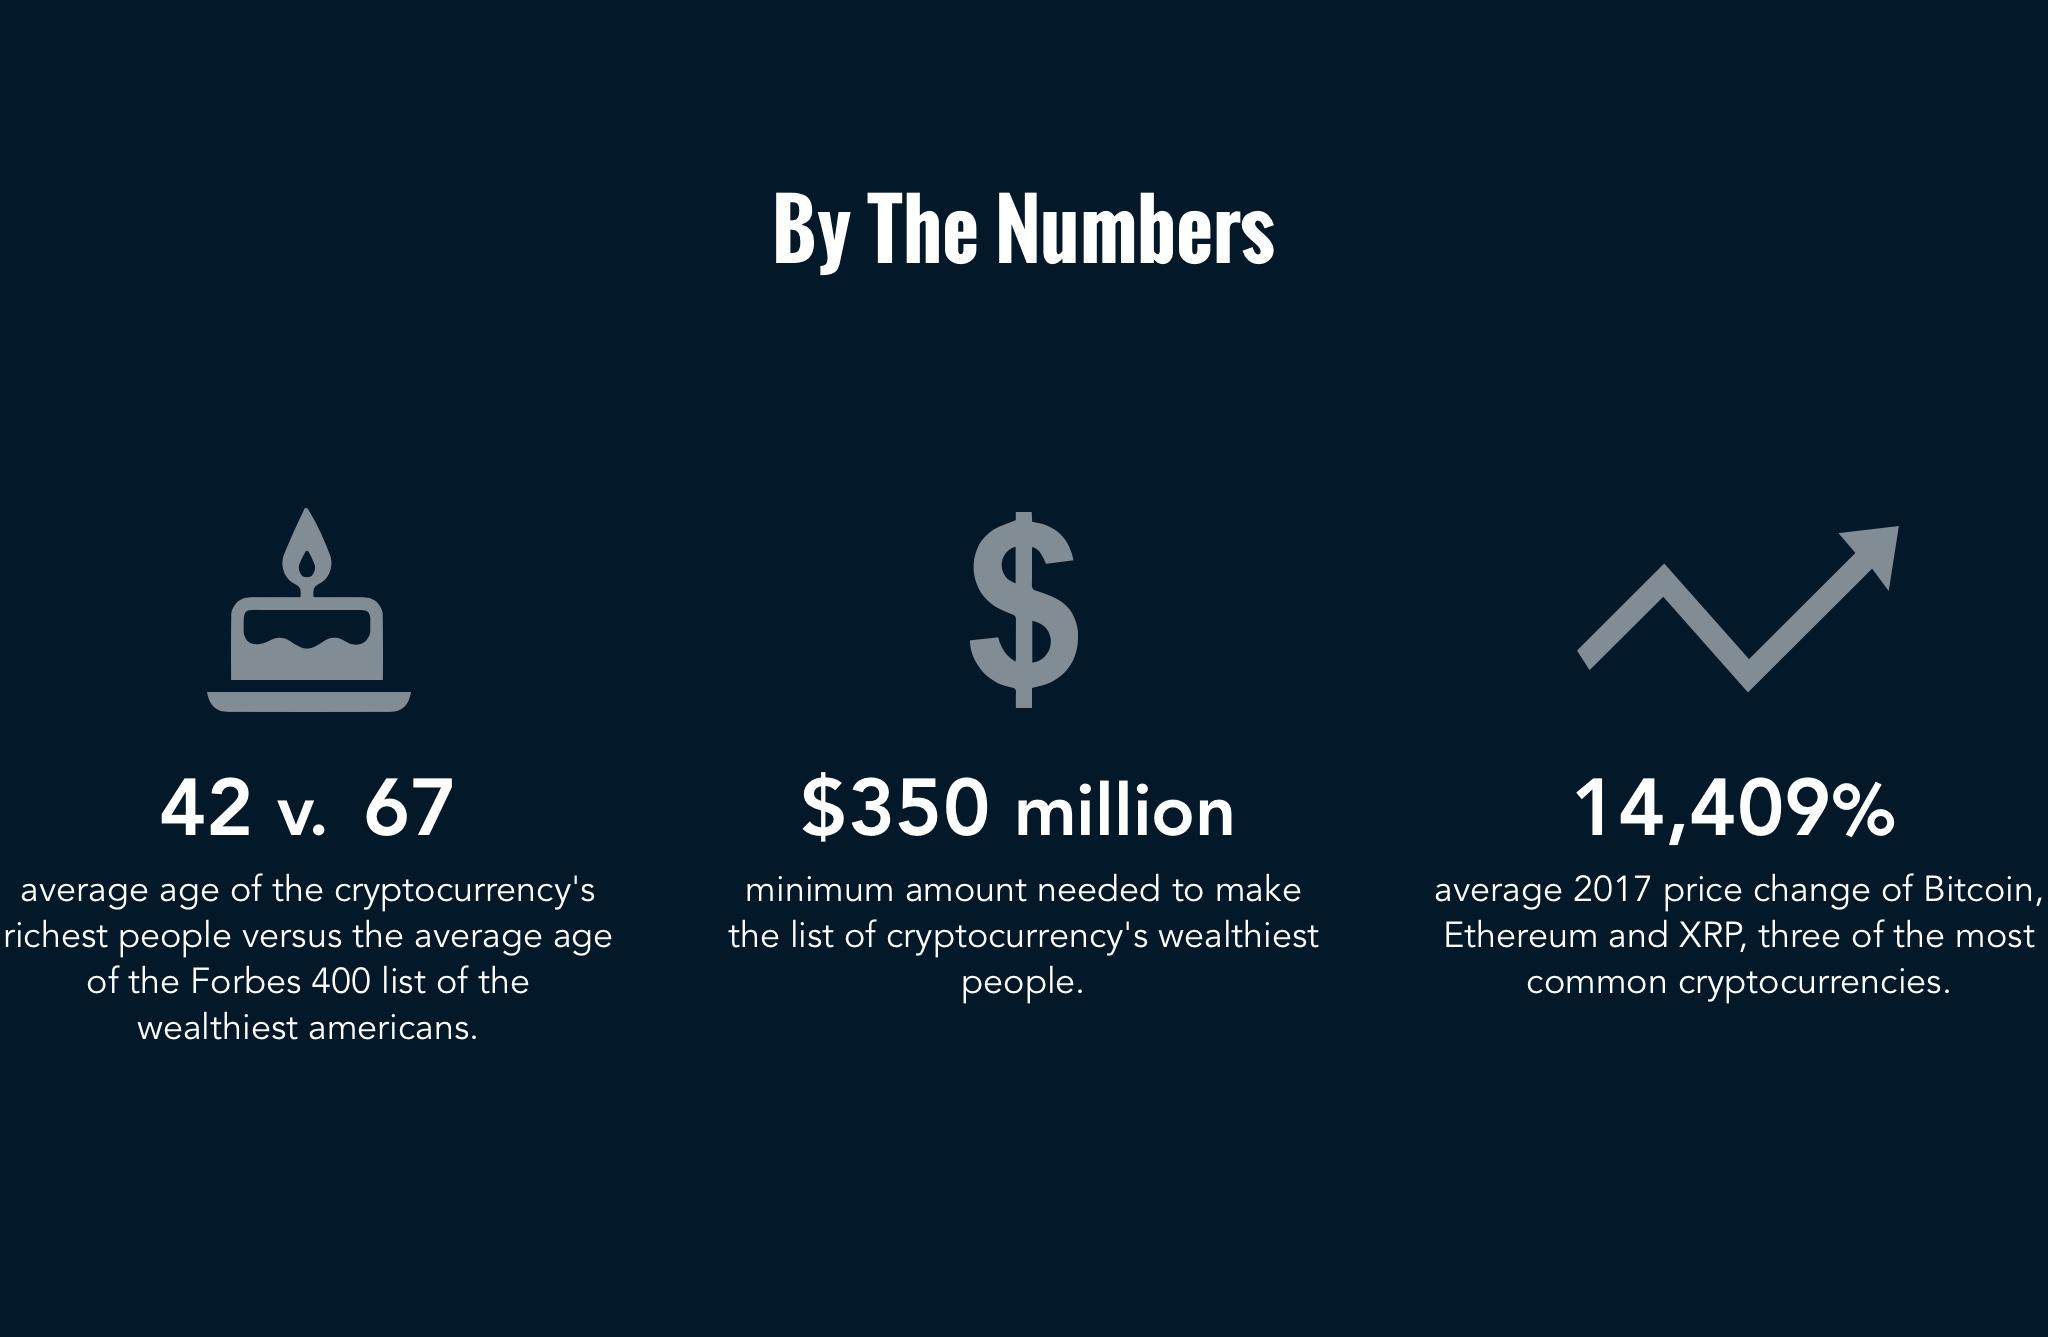 крипто-миллиардеры в цифрах